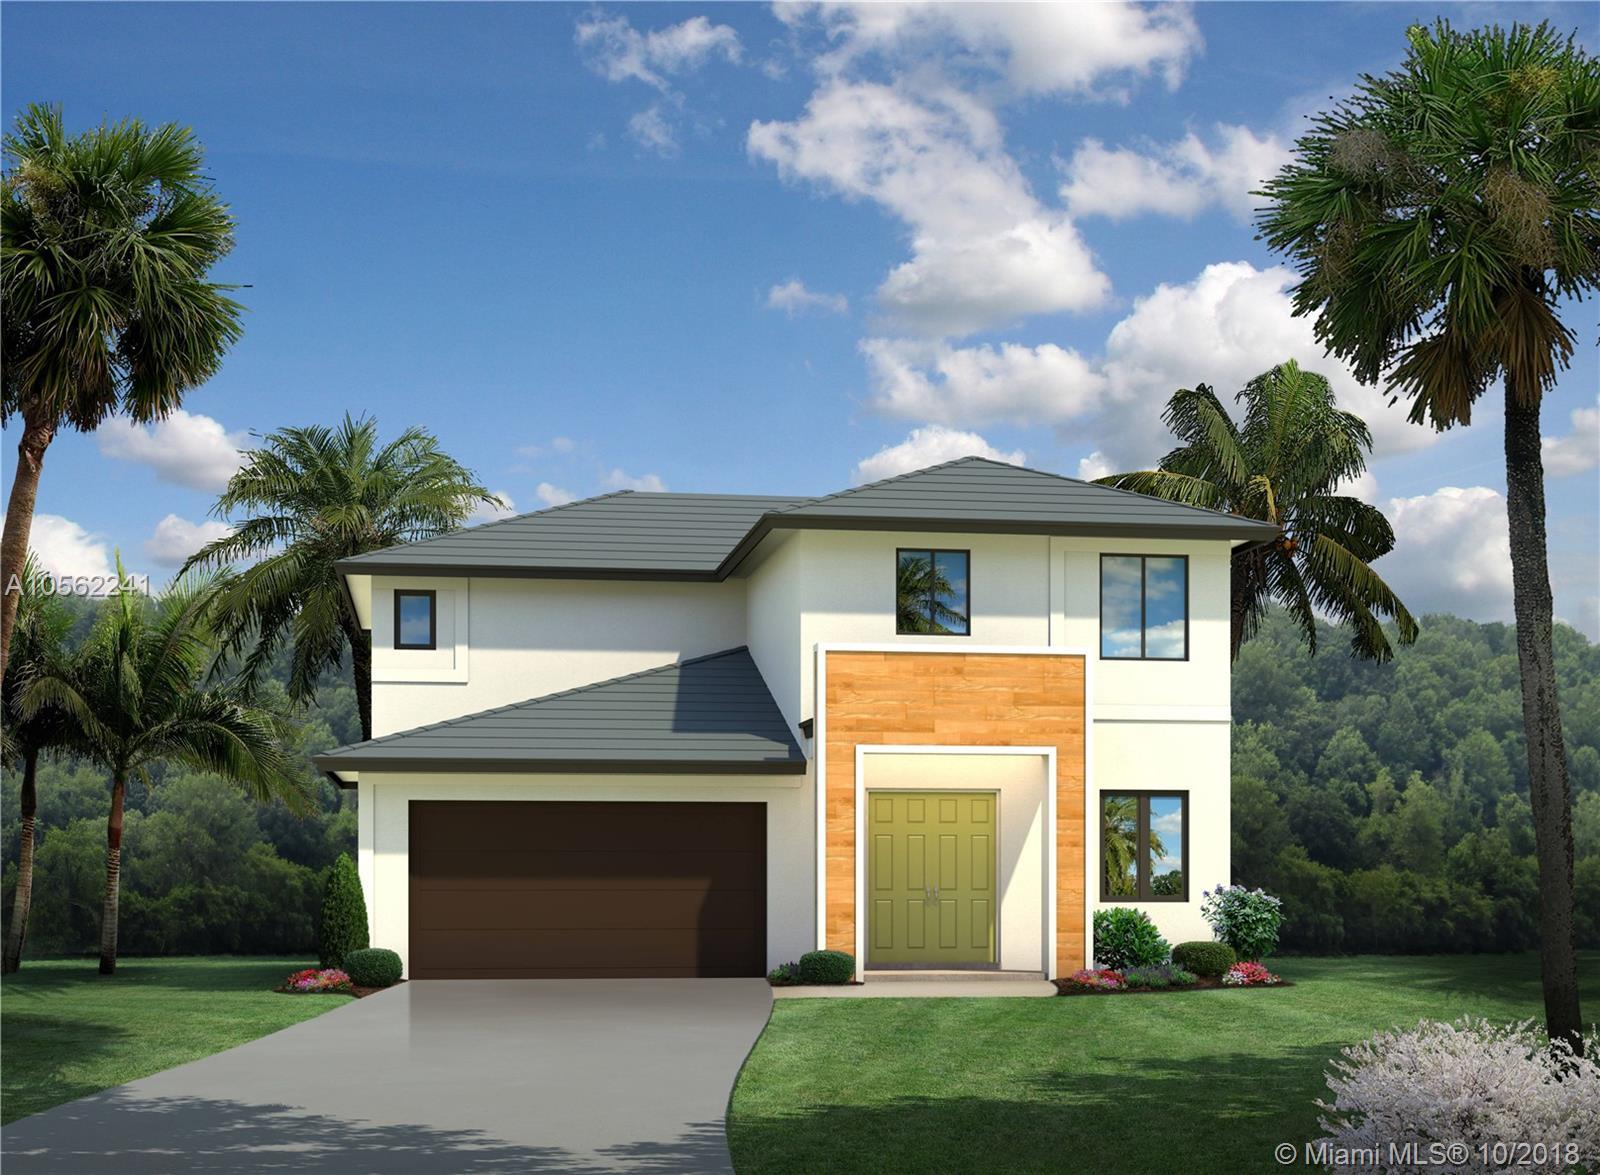 23435 SW 108th Ave, Miami, FL 33032 - Miami, FL real estate listing